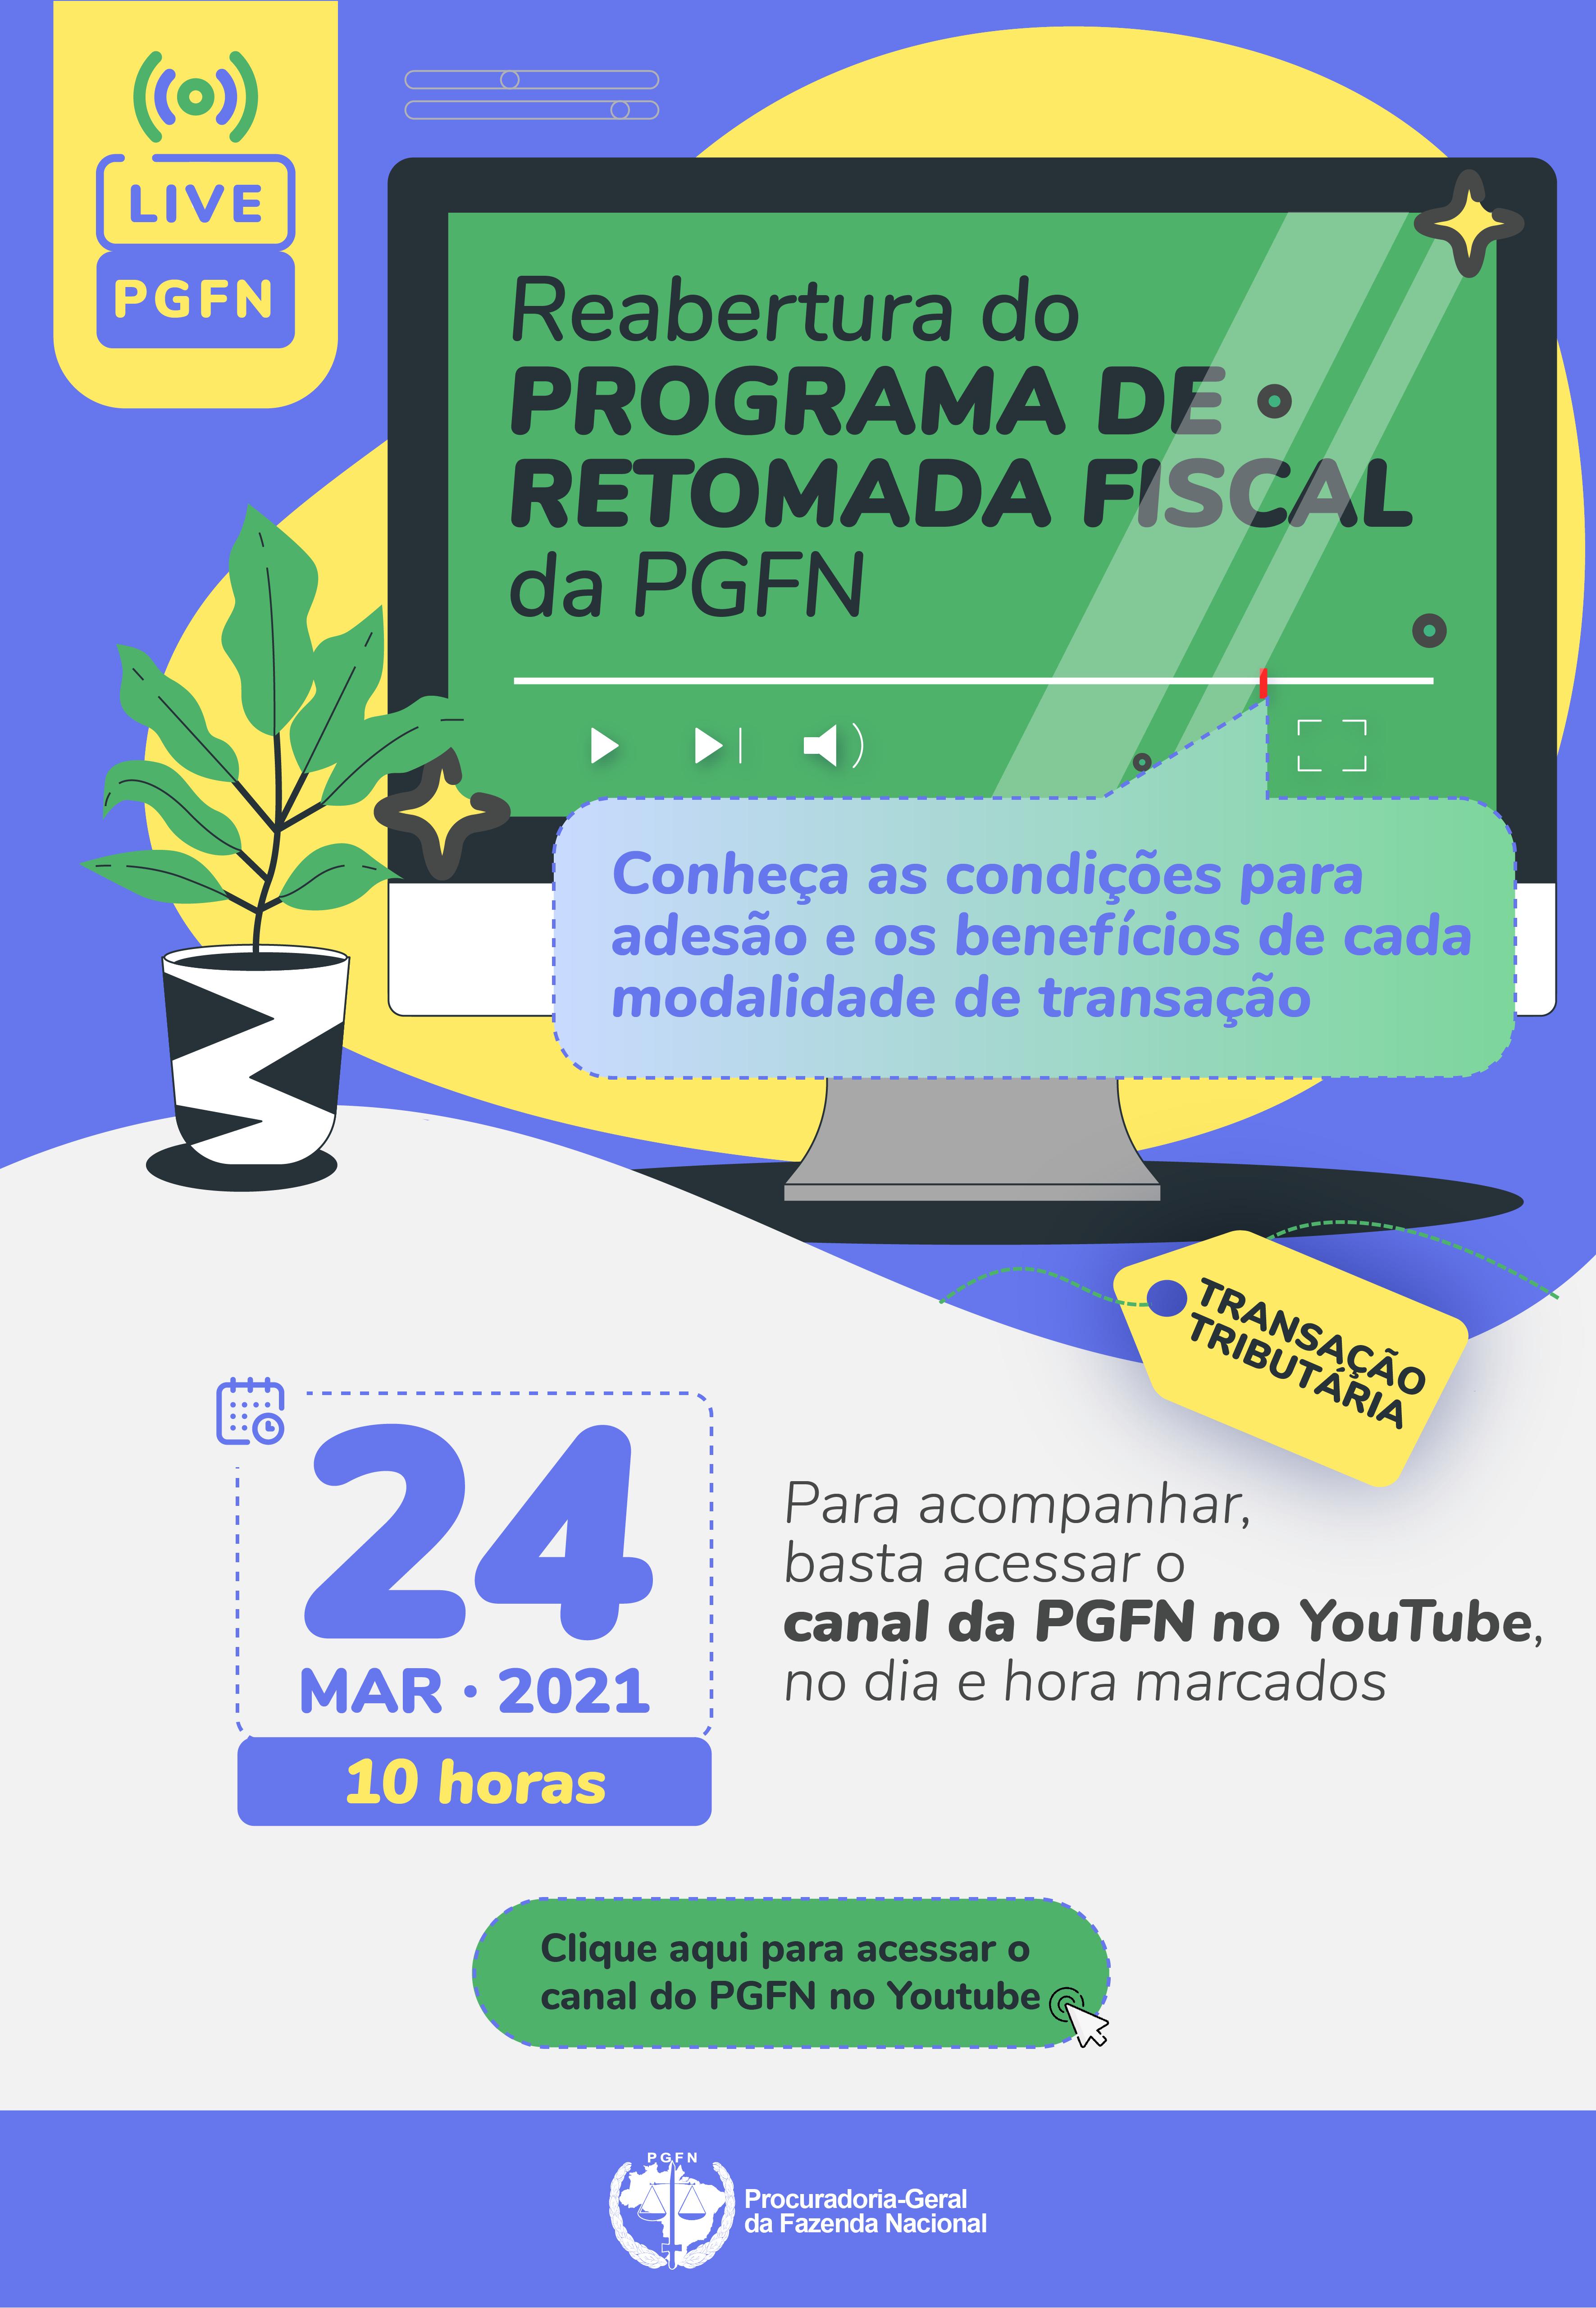 [INFO]-Live-PGFN (1).jpg